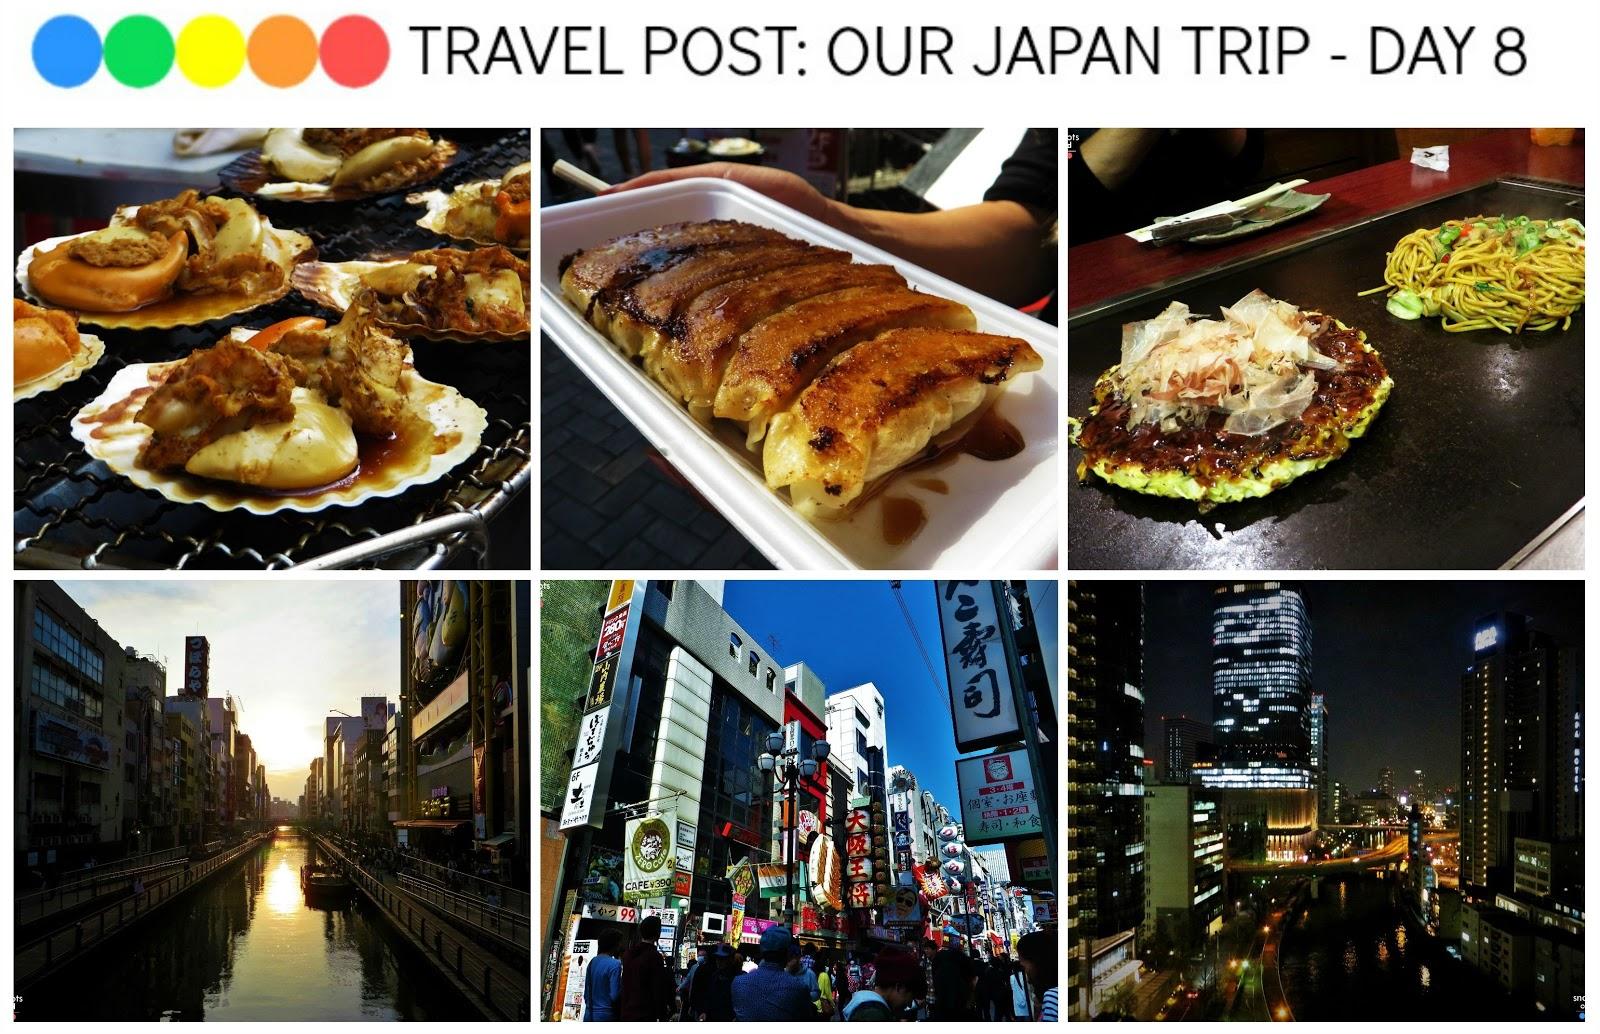 First day in Osaka - Dotonbori, Shinsaibashi, Ebisubashisuji, Takoyaki and Okonomiyaki